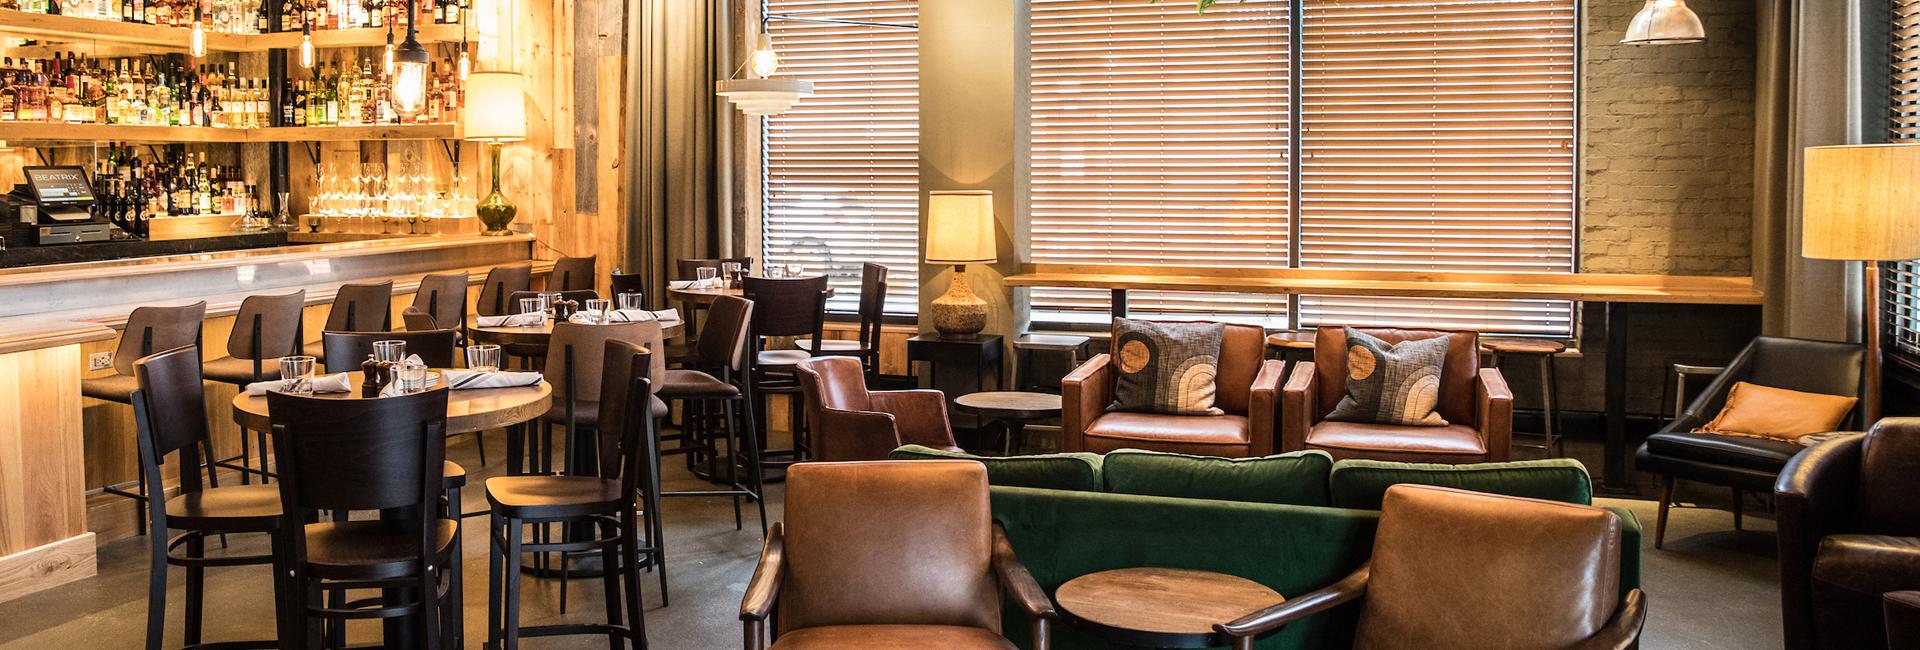 Thiết kế quán cafe độc đáo 4